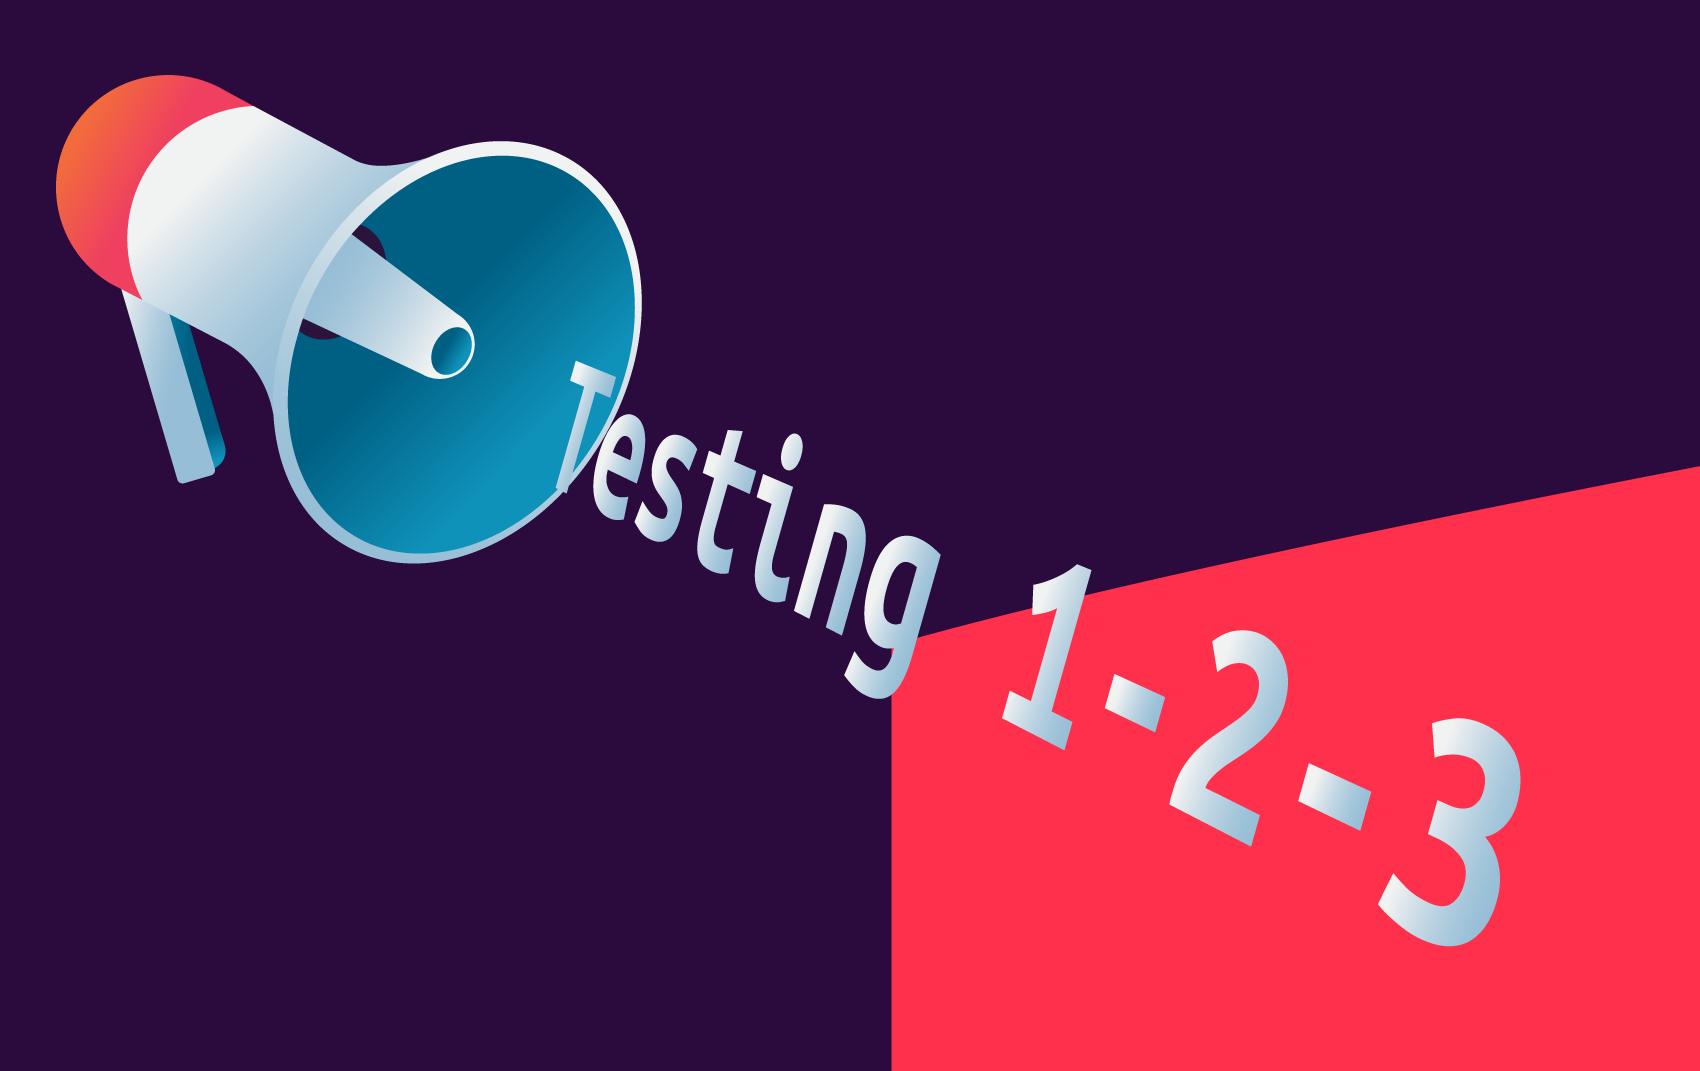 Testing 1-2-3